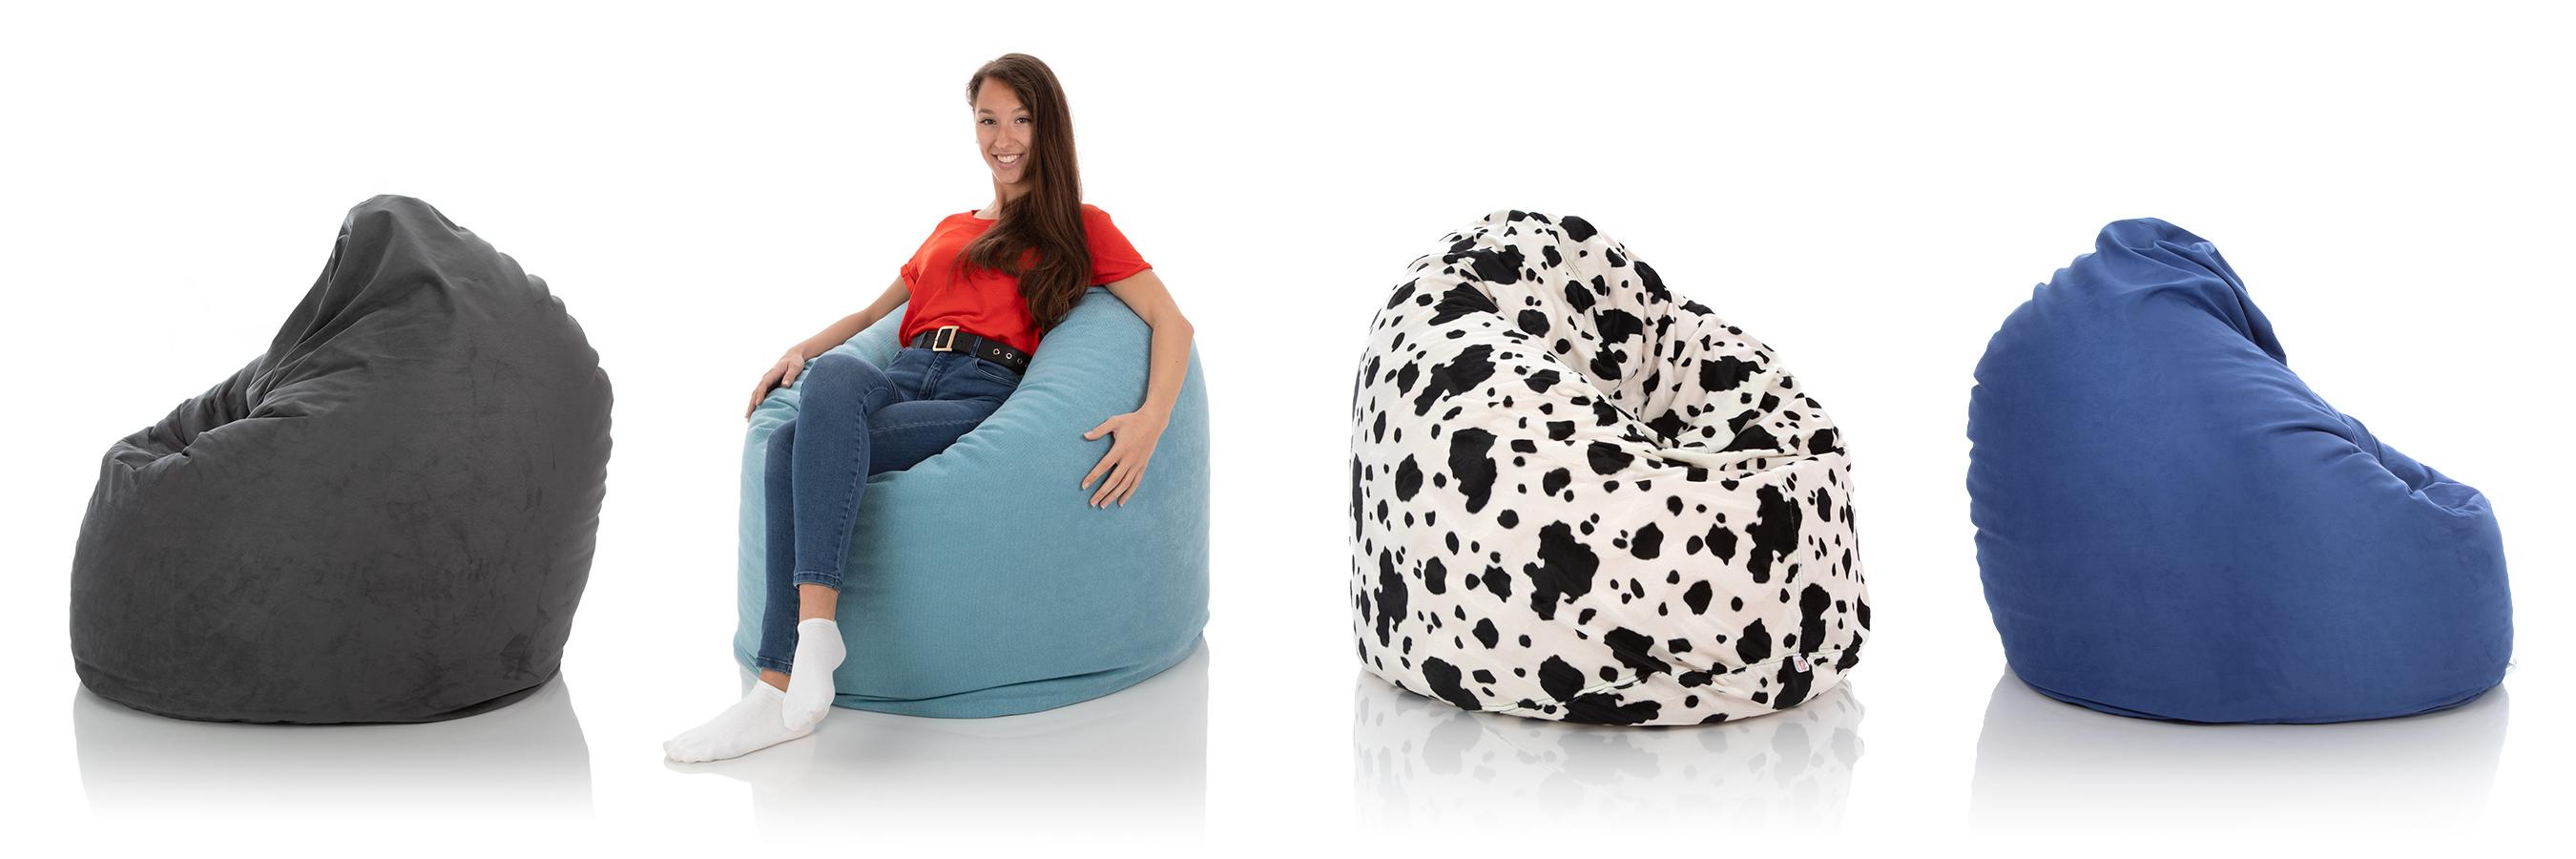 XXL Indoor Sitzsack Relax in anthrazit, blau, schwarz-weiss mit 600 Liter Füllung